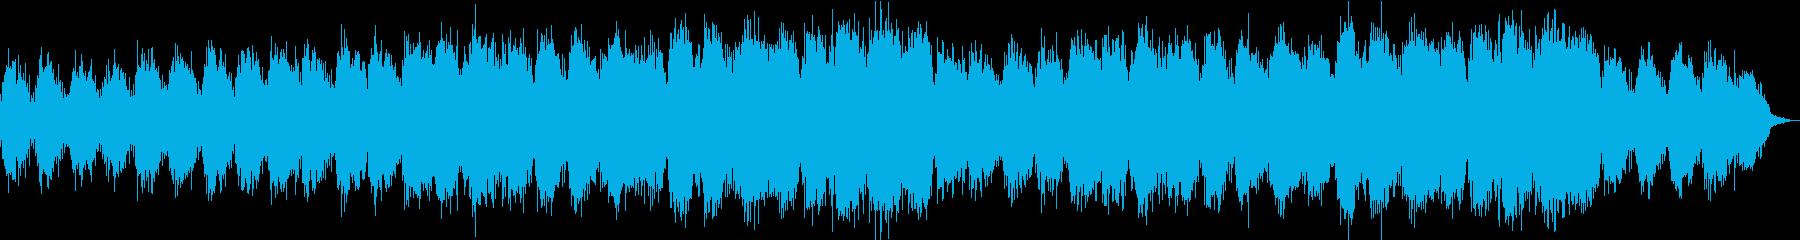 癒されるアンビエント系オーケストラの再生済みの波形